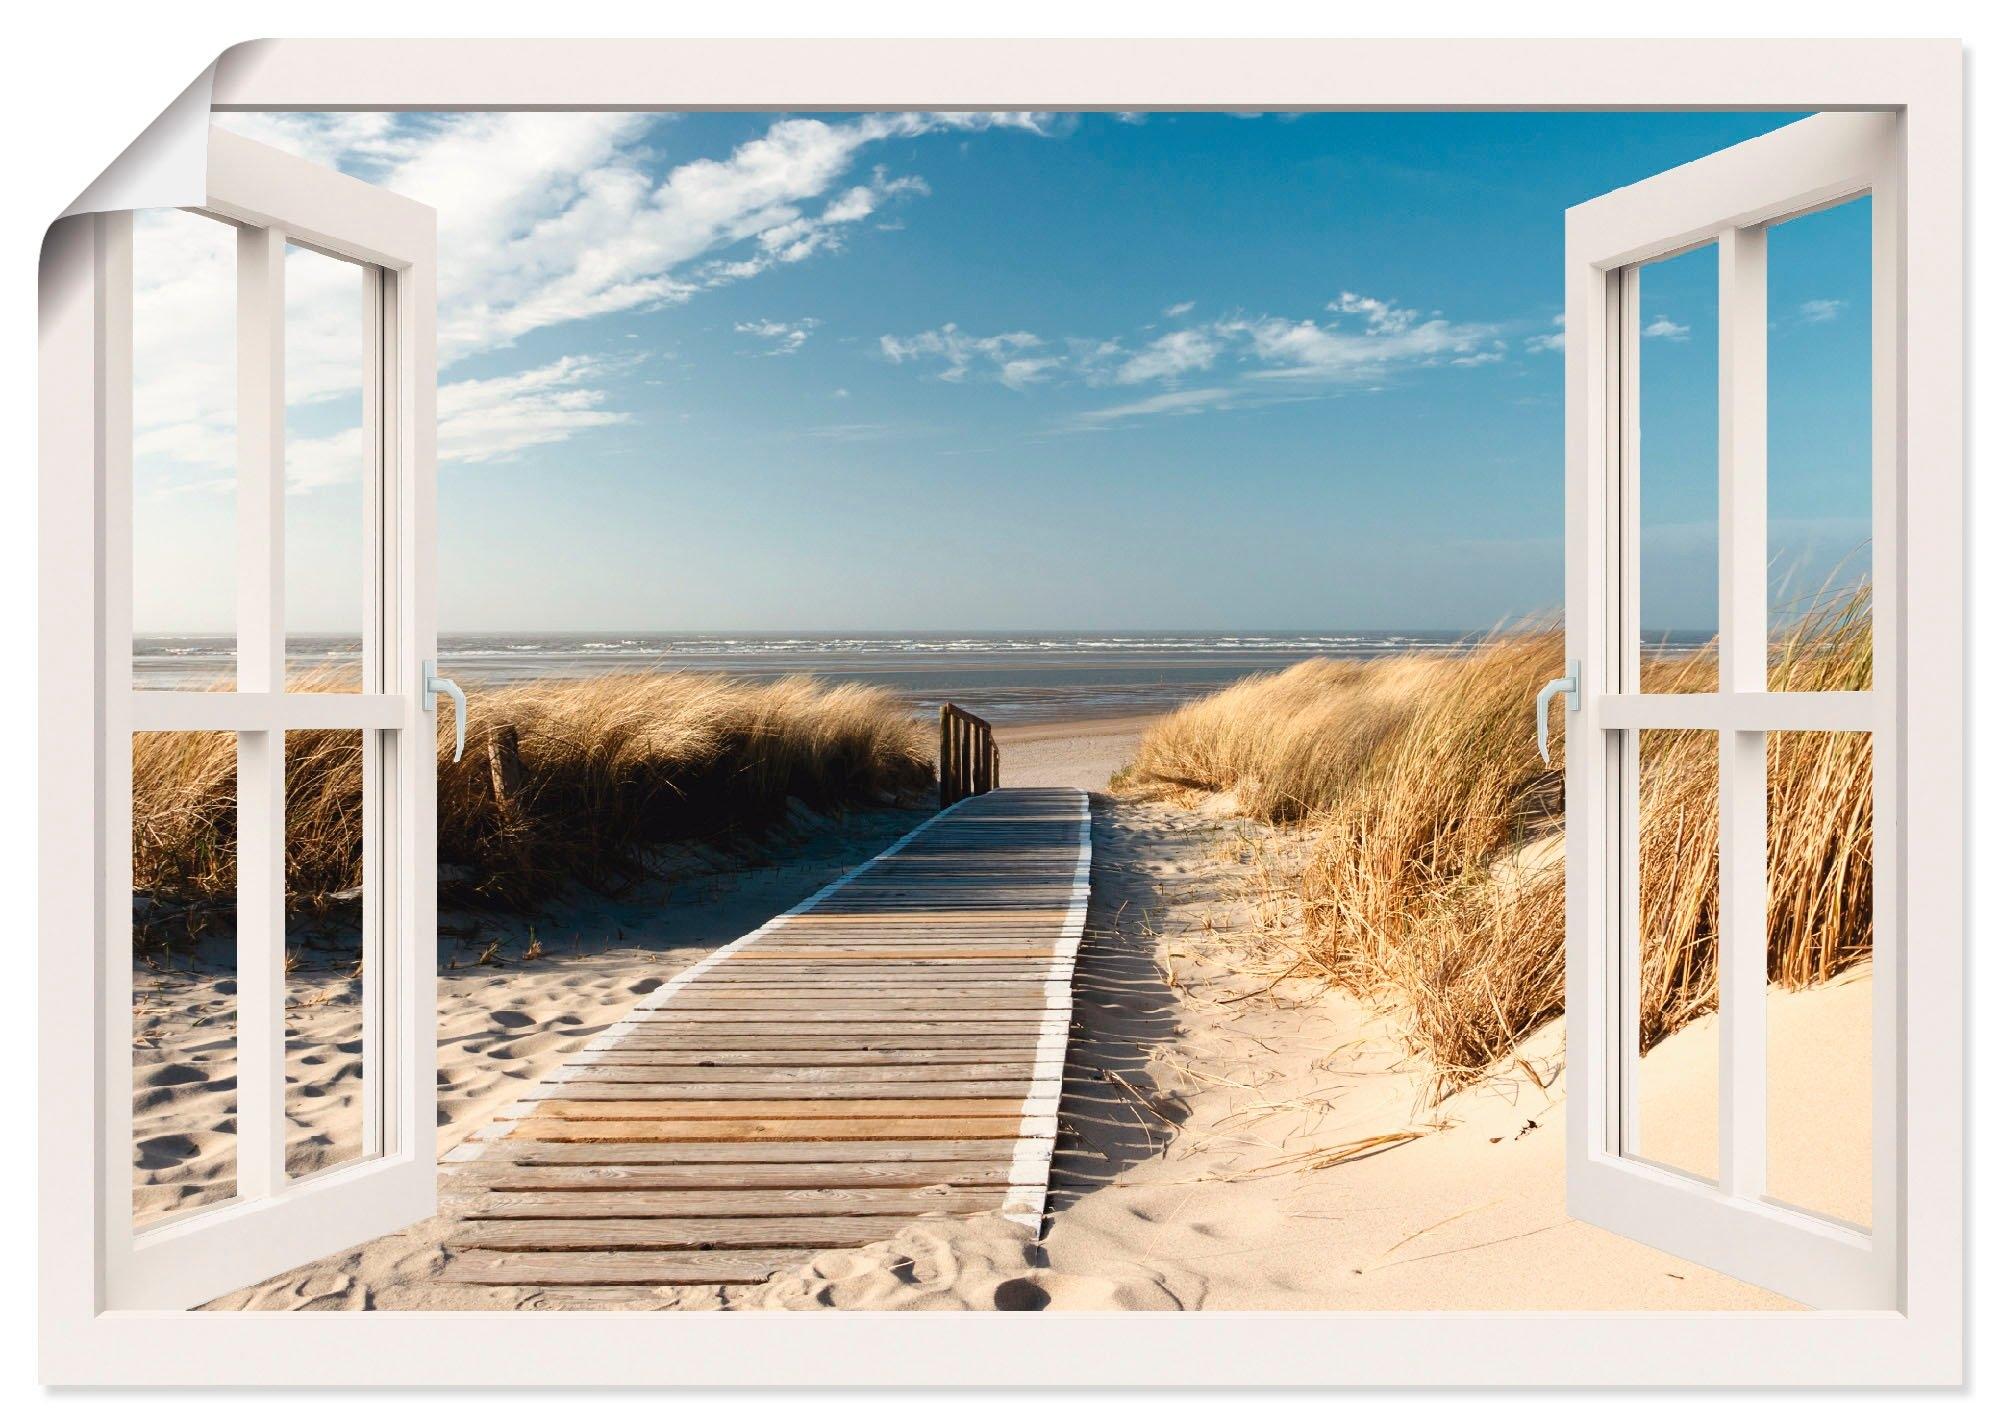 Artland artprint Blik uit het venster Noordzeestrand op Langeoog in vele afmetingen & productsoorten -artprint op linnen, poster, muursticker / wandfolie ook geschikt voor de badkamer (1 stuk) goedkoop op otto.nl kopen